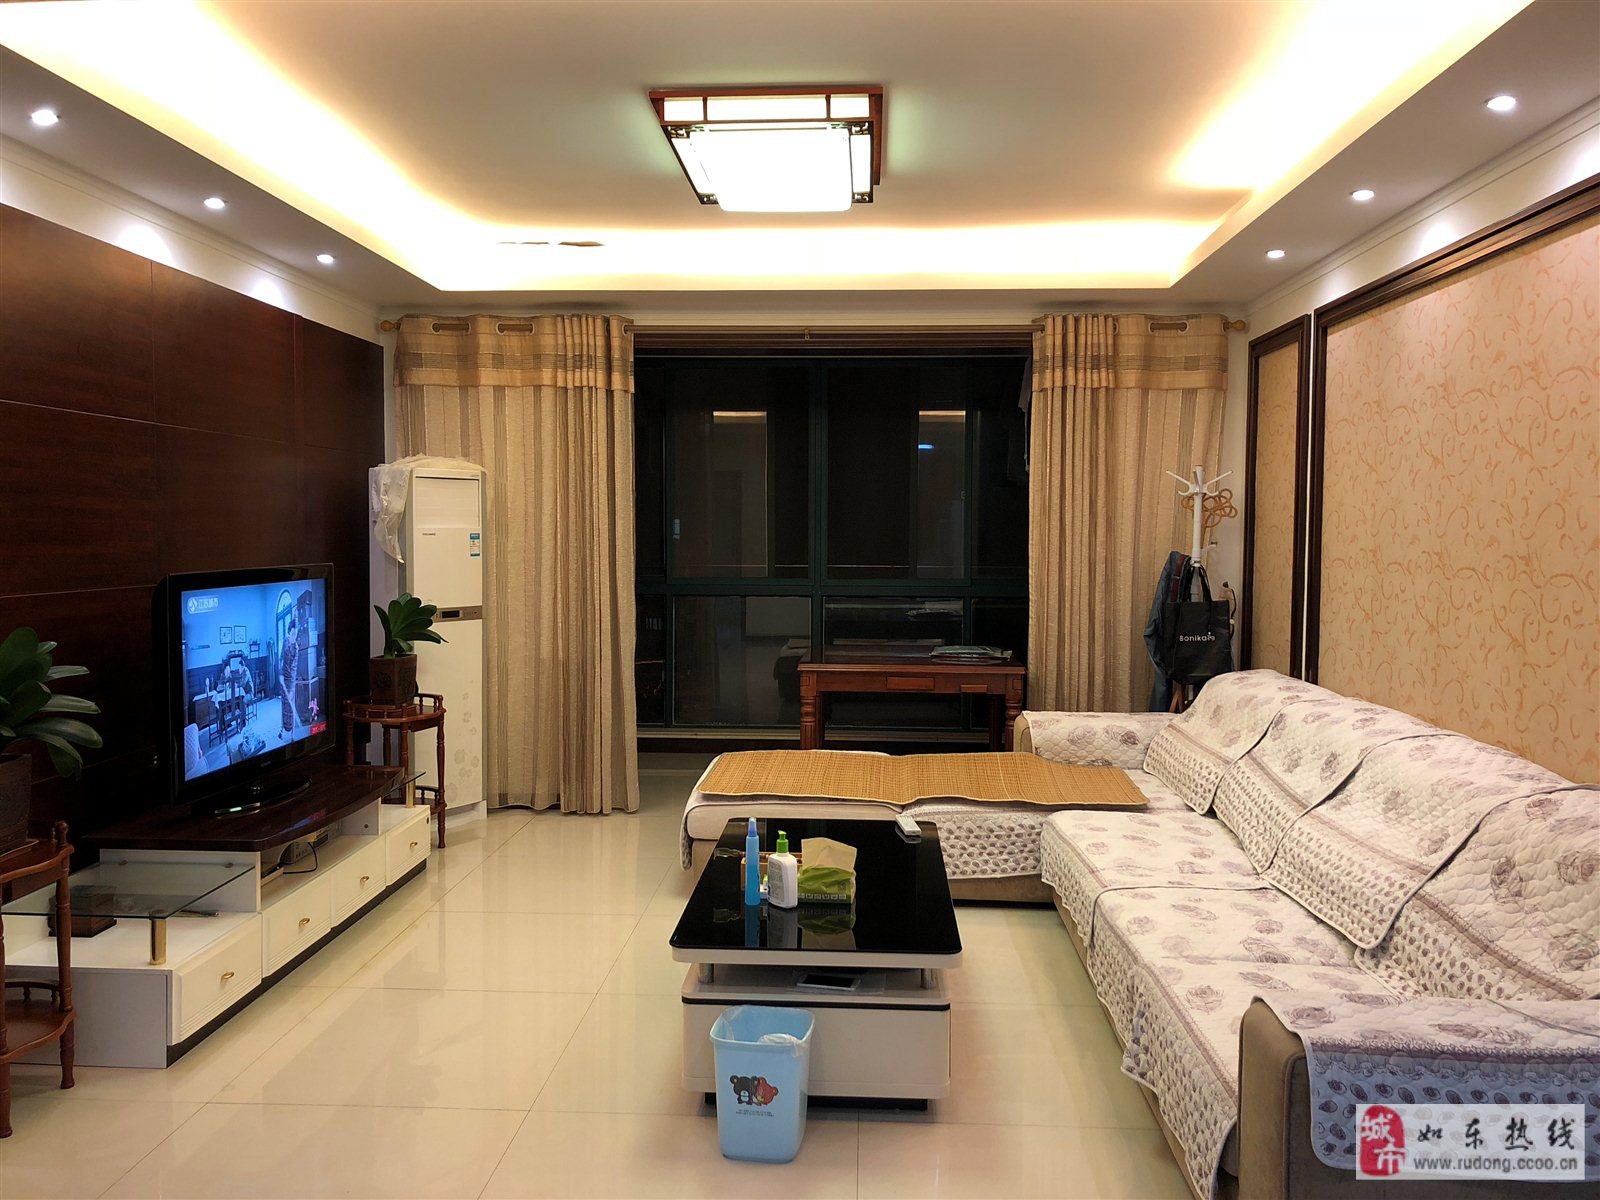 中坤苑3室2廳2衛H戶型136平米128萬